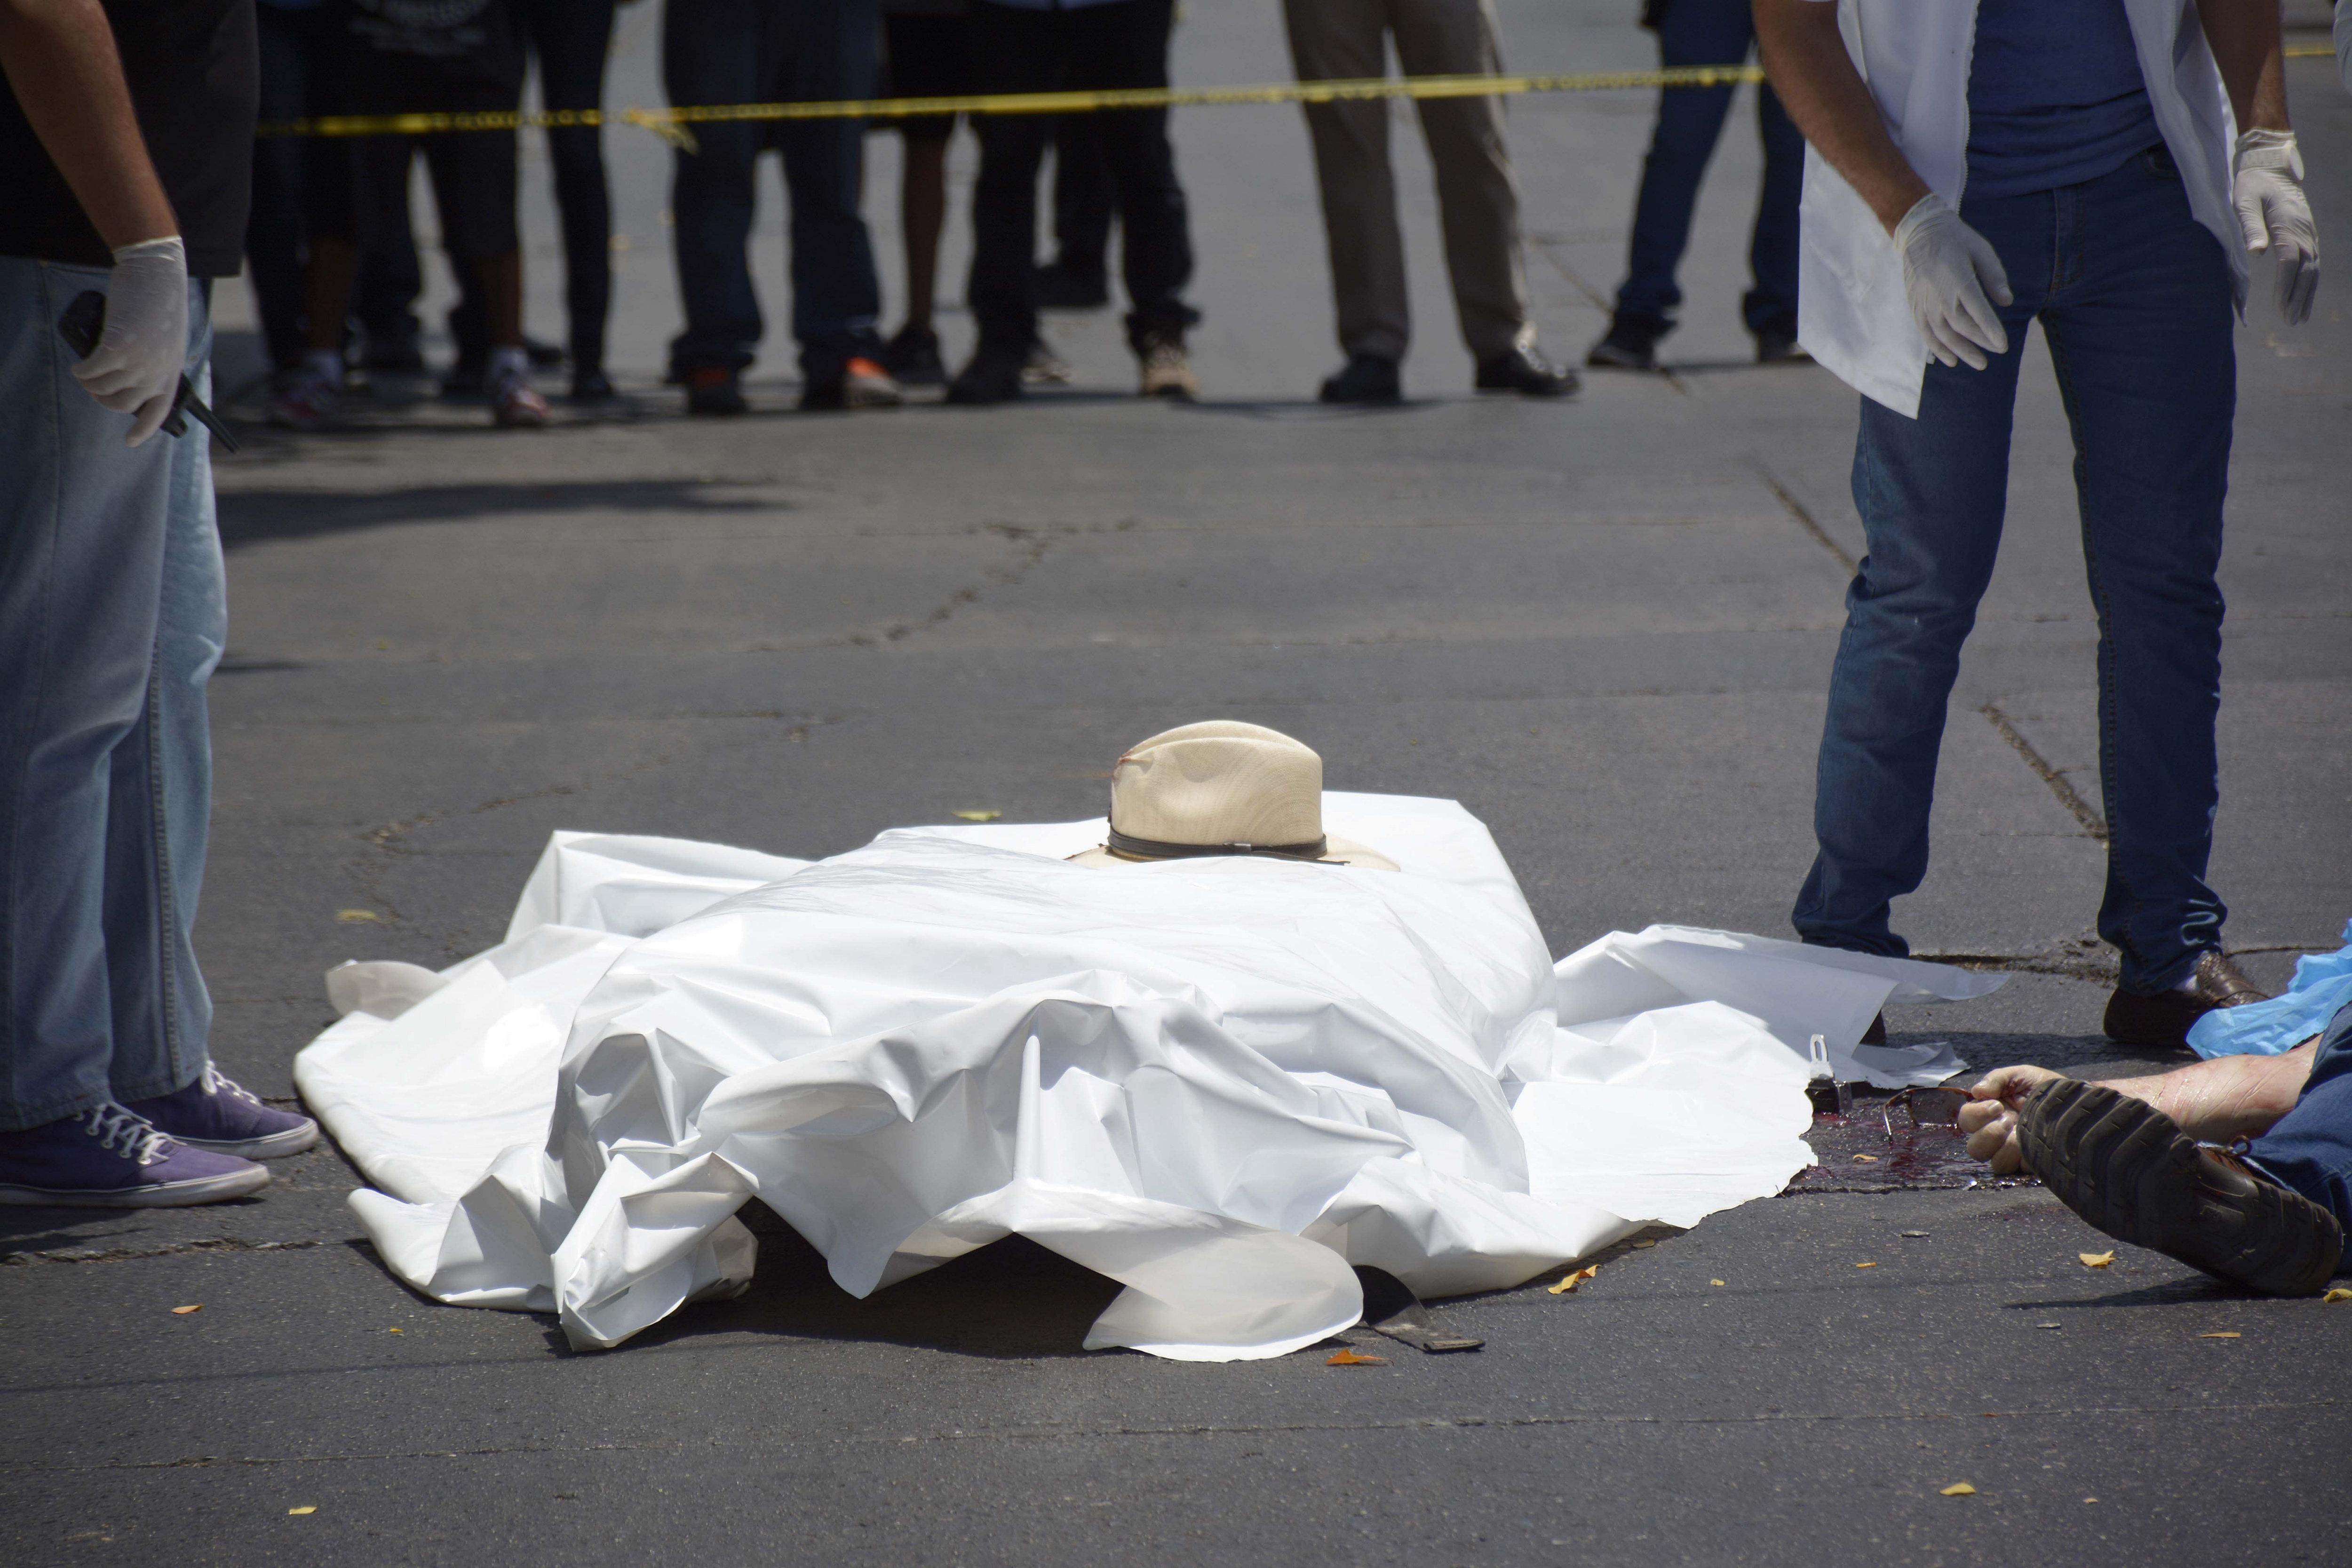 Perits forenses recullen informació en el lloc on ha estat assassinat l'escriptor mexicà Javier Valdez Cárdenas a Culiacán, Sinaloa (Mèxic). /JUAN CARLOS CRUZ